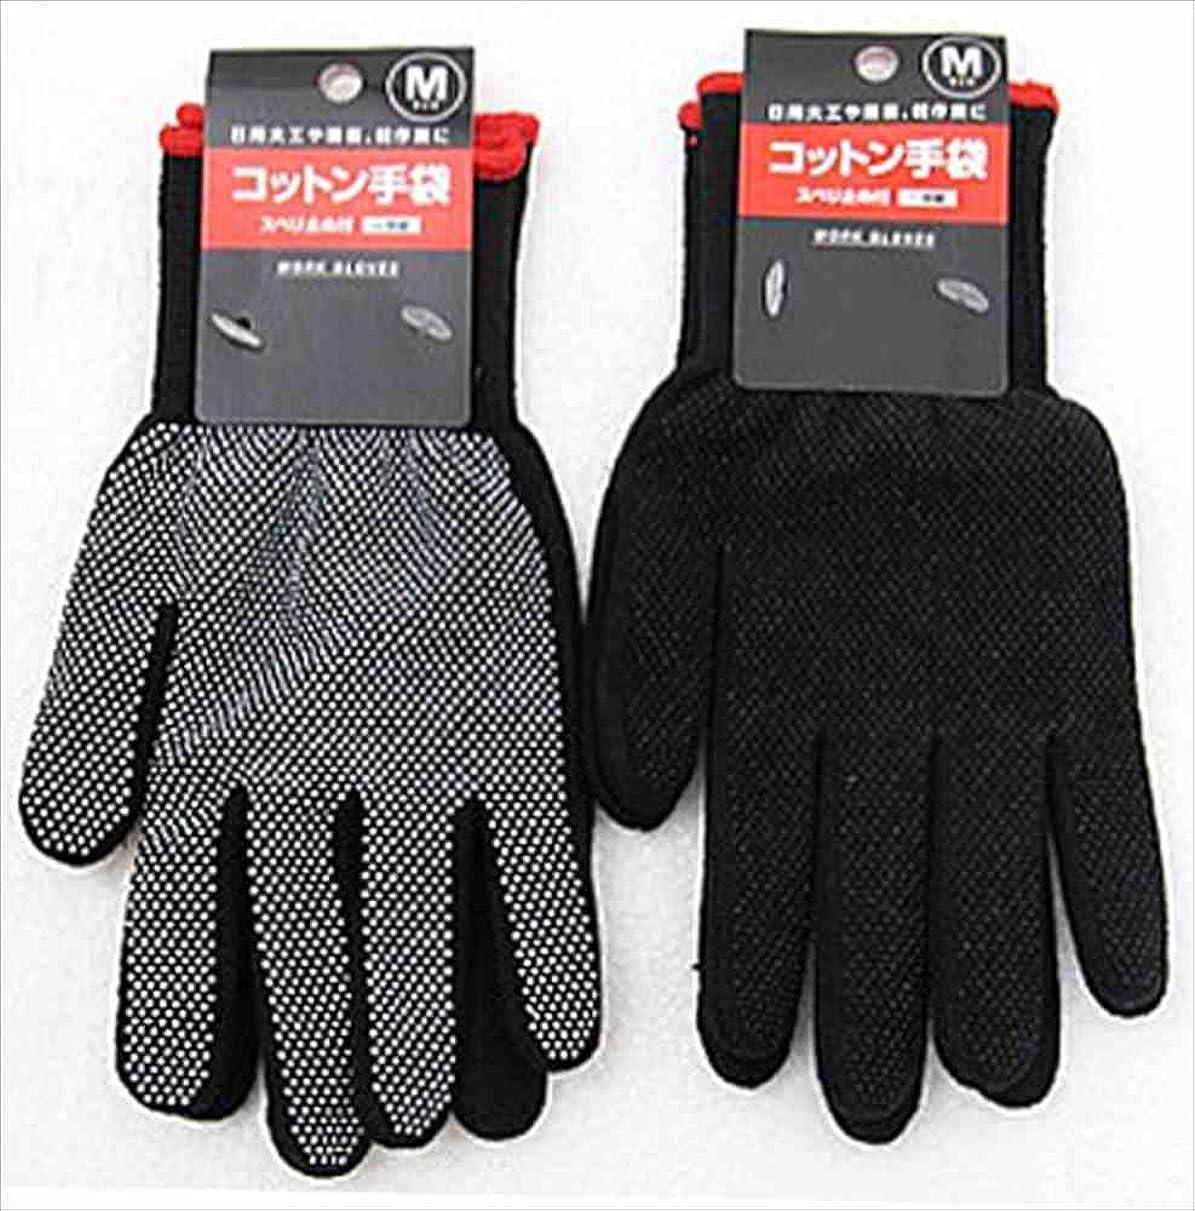 風邪をひくレバーデコラティブコットン手袋スベリ止め付M BT-054 【まとめ買い12個セット】